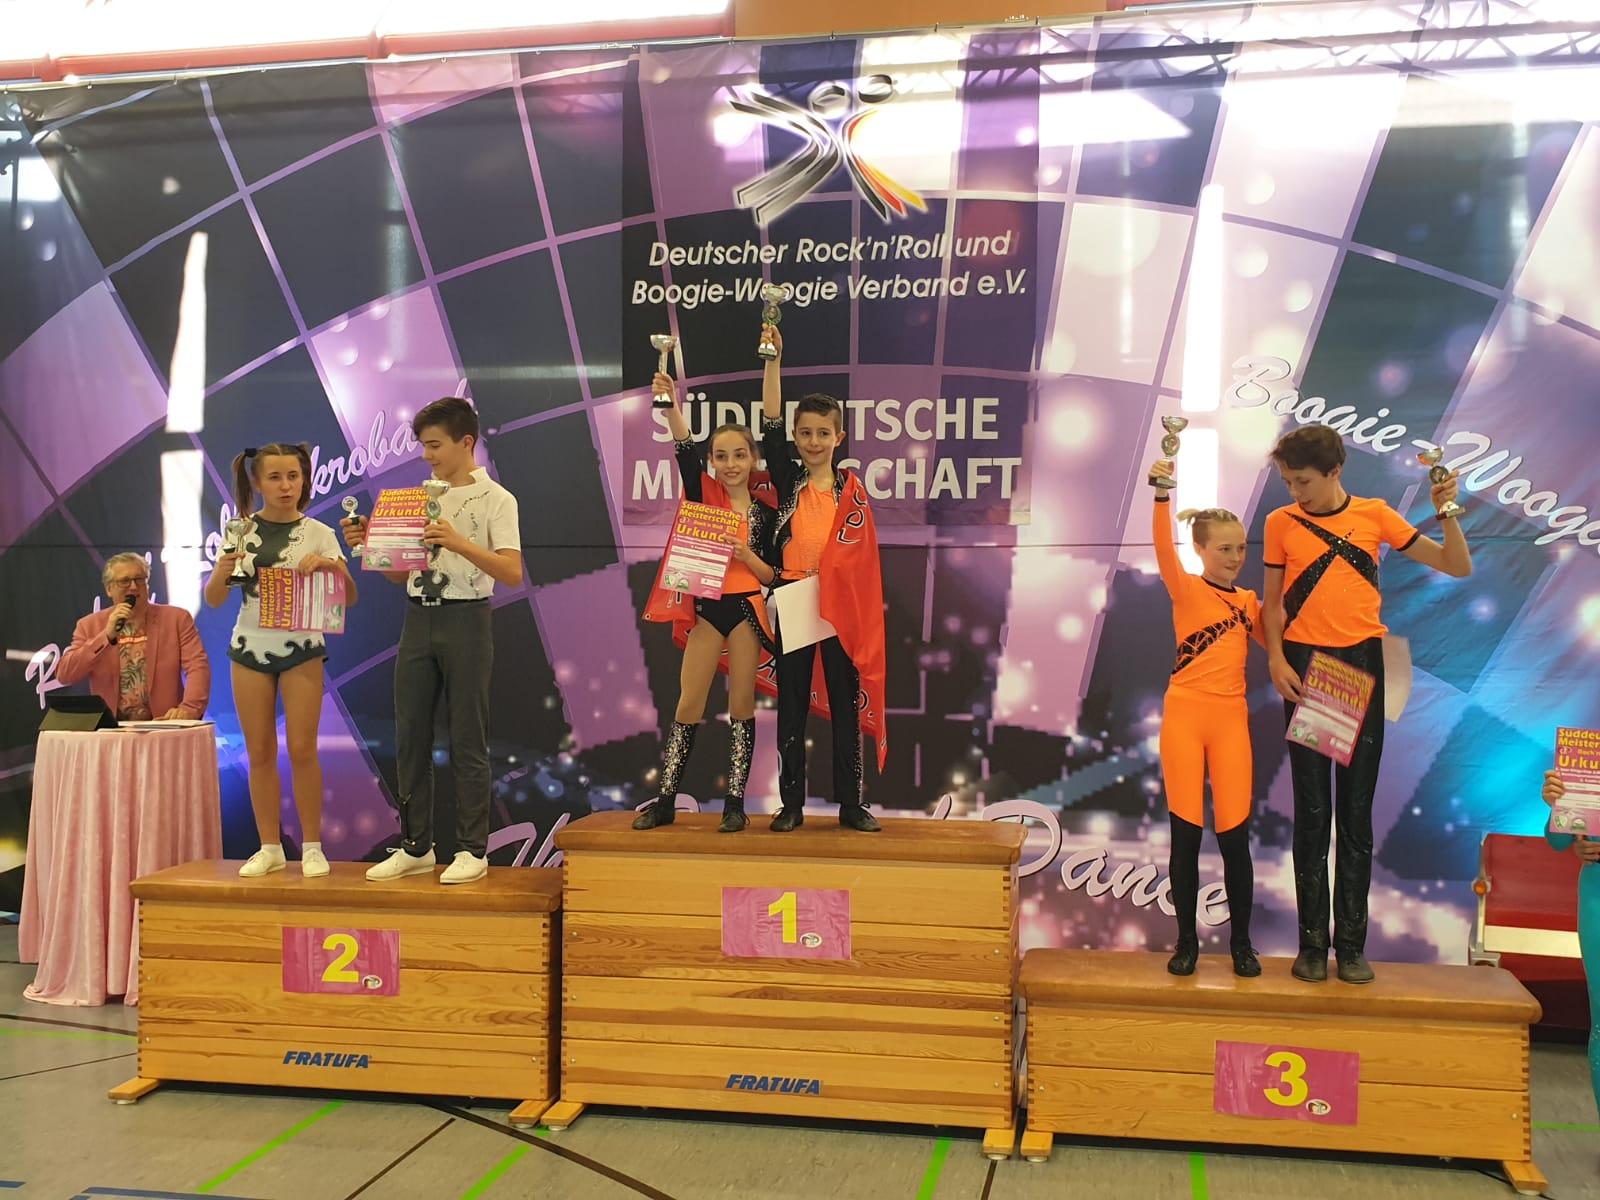 Süddeutsche Meisterschaft 2019